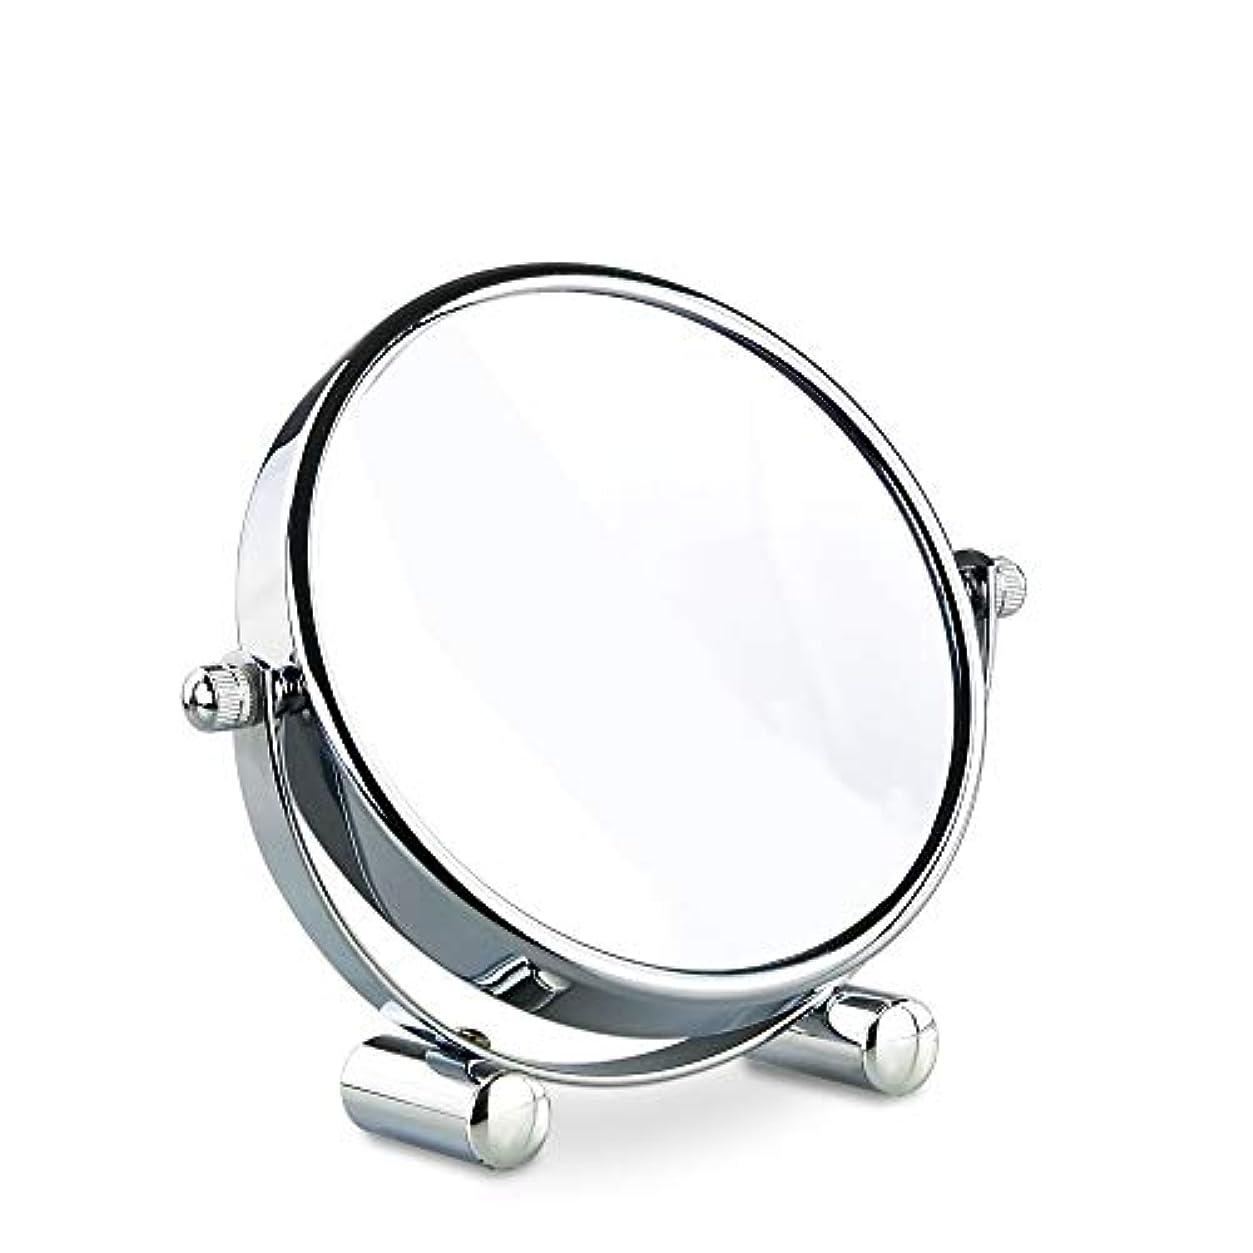 征服する添加剤鮮やかな洗面化粧台ミラー 5インチ両面拡大鏡バスルームミラーミラー寝室用3-5-7-10倍拡大デスクトップ化粧品バスルームミラー360度回転回転スタンド付き 化粧鏡 (Edition : Reverse 10 times)